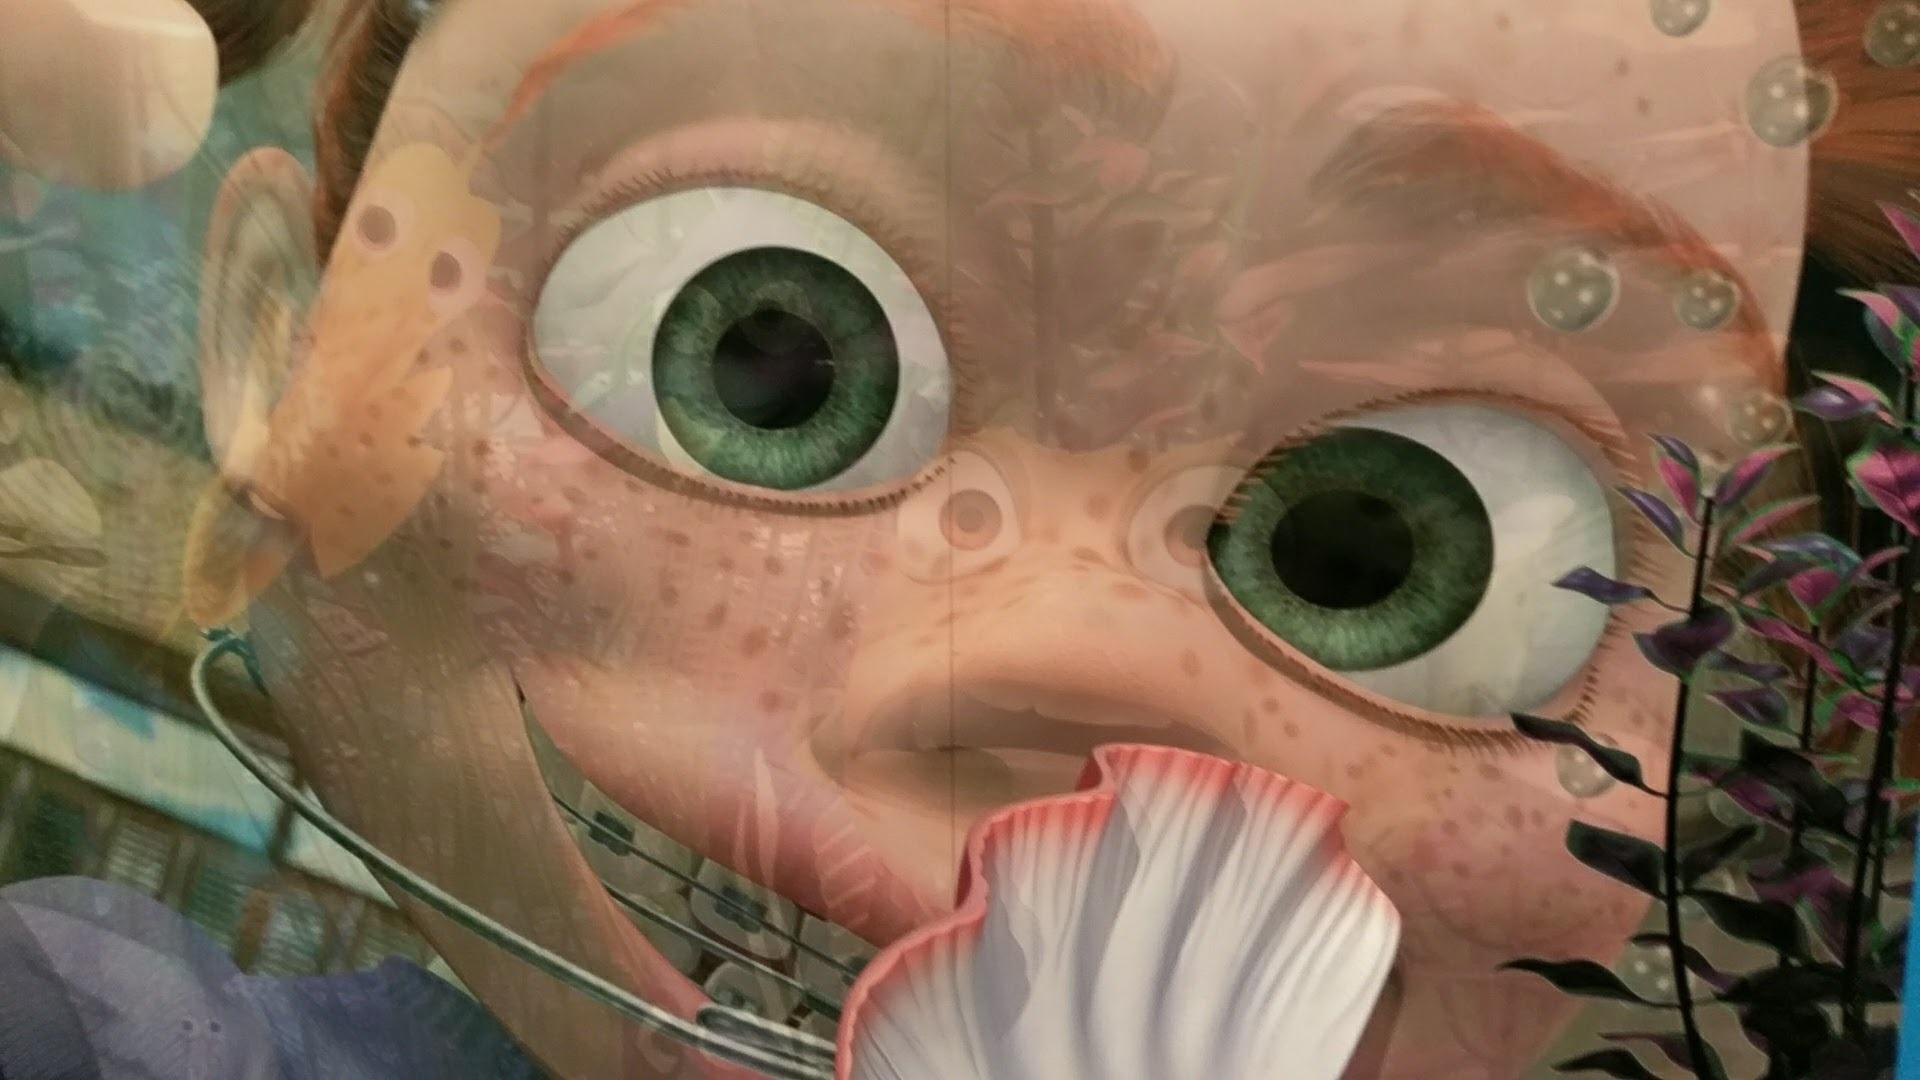 ディズニー35周年画像 ミッキー達の新コスチュームがお披露目されたぞ